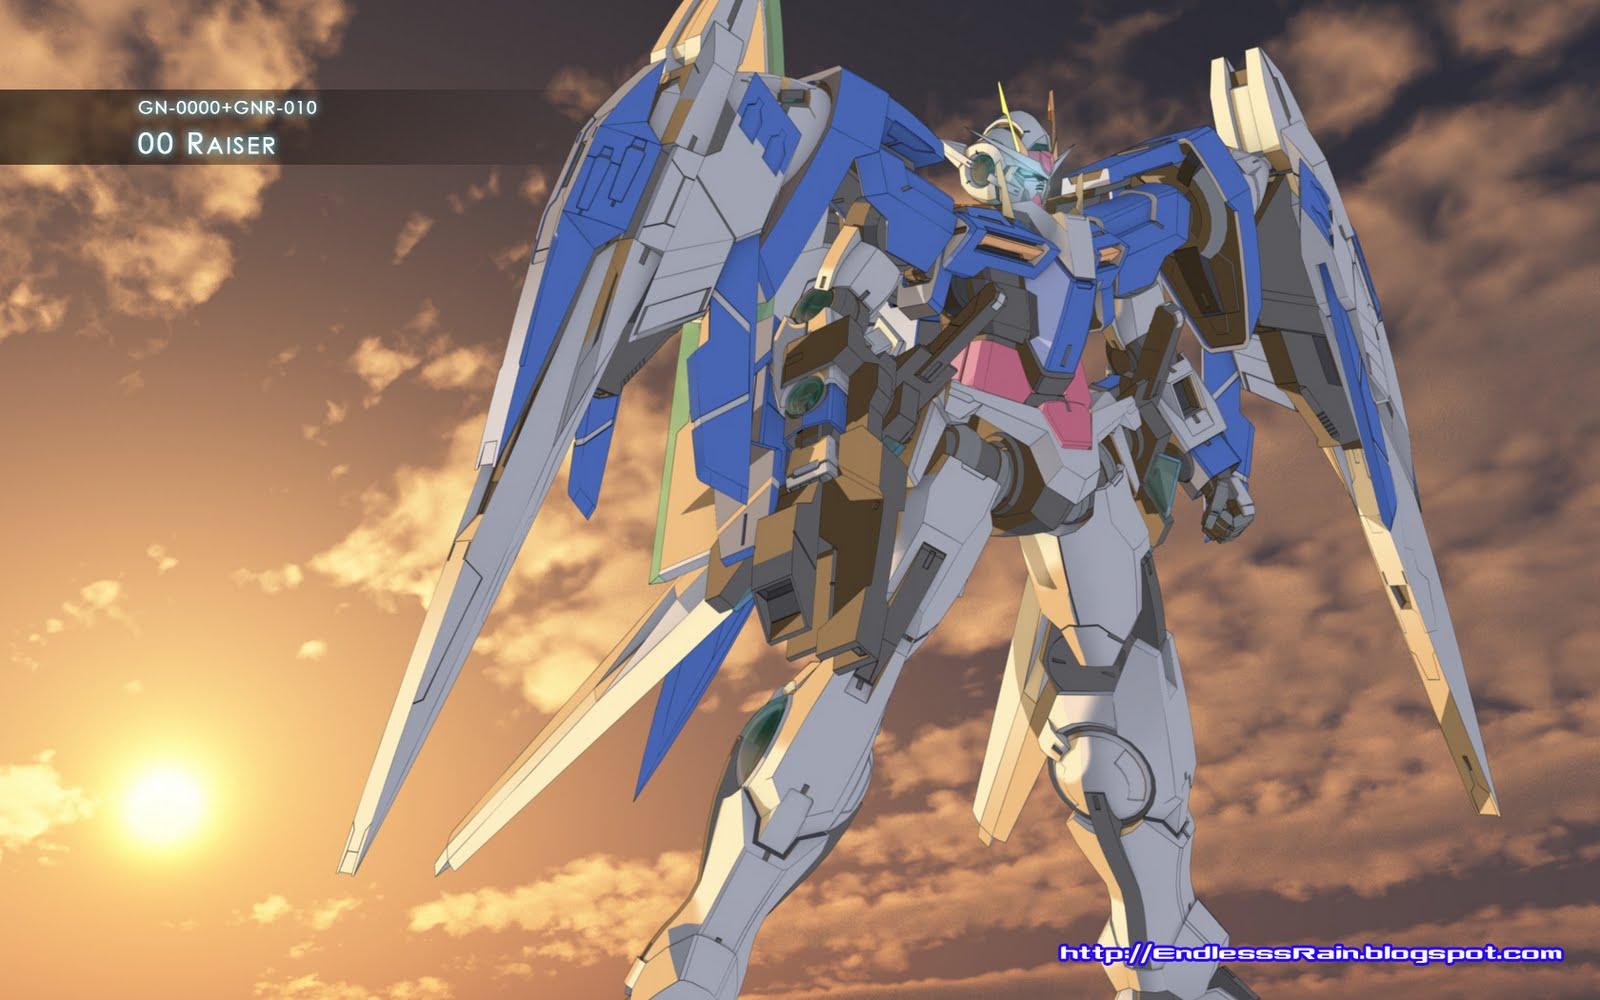 wallpaper Wallpaper De Gundam 00 1600x1000